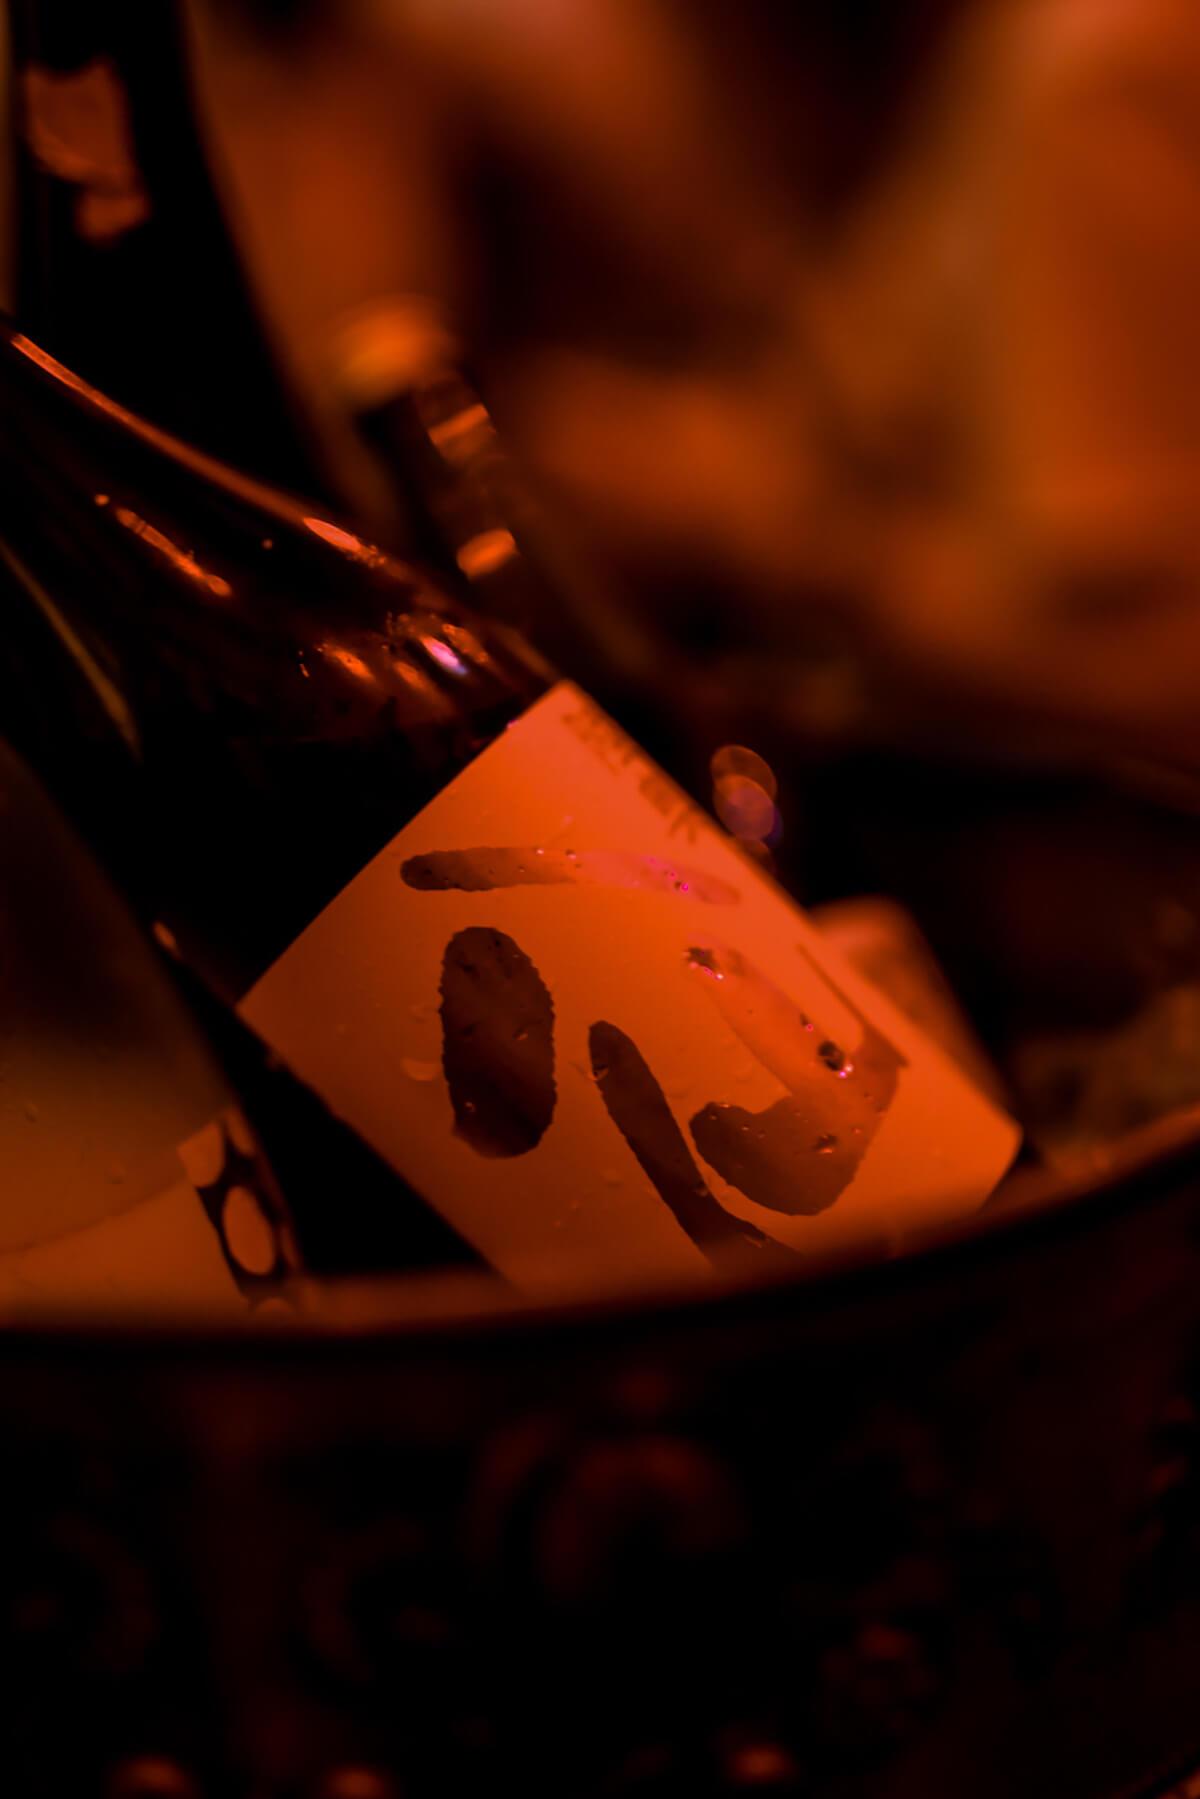 祝Rush Hour!! ダンスミュージックと日本酒の美味しい関係 2Q8A9913